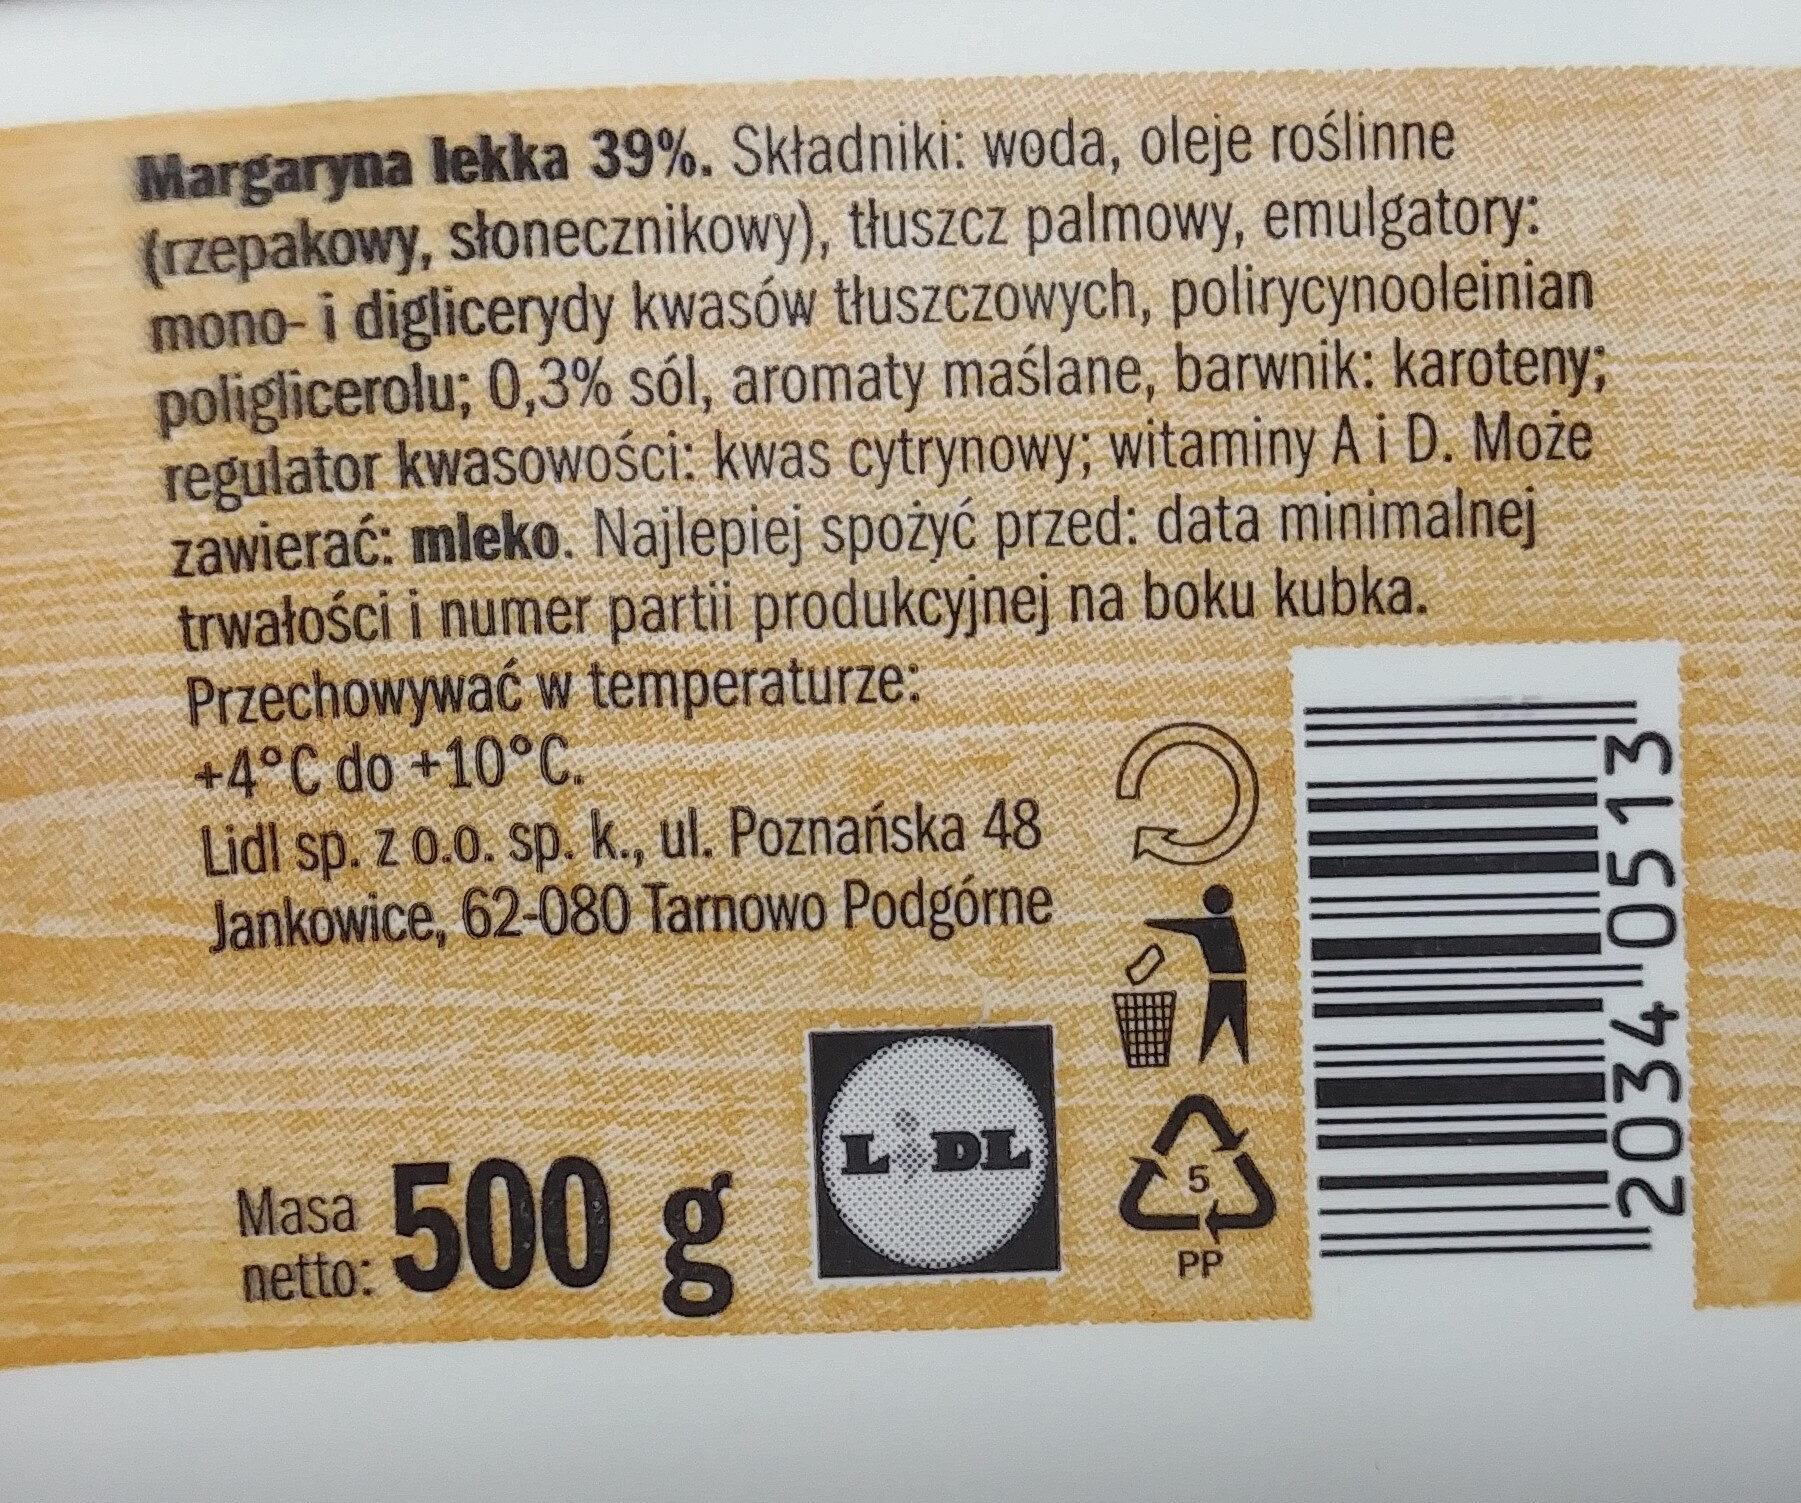 Margaryna lekka 39 %. - Ingredients